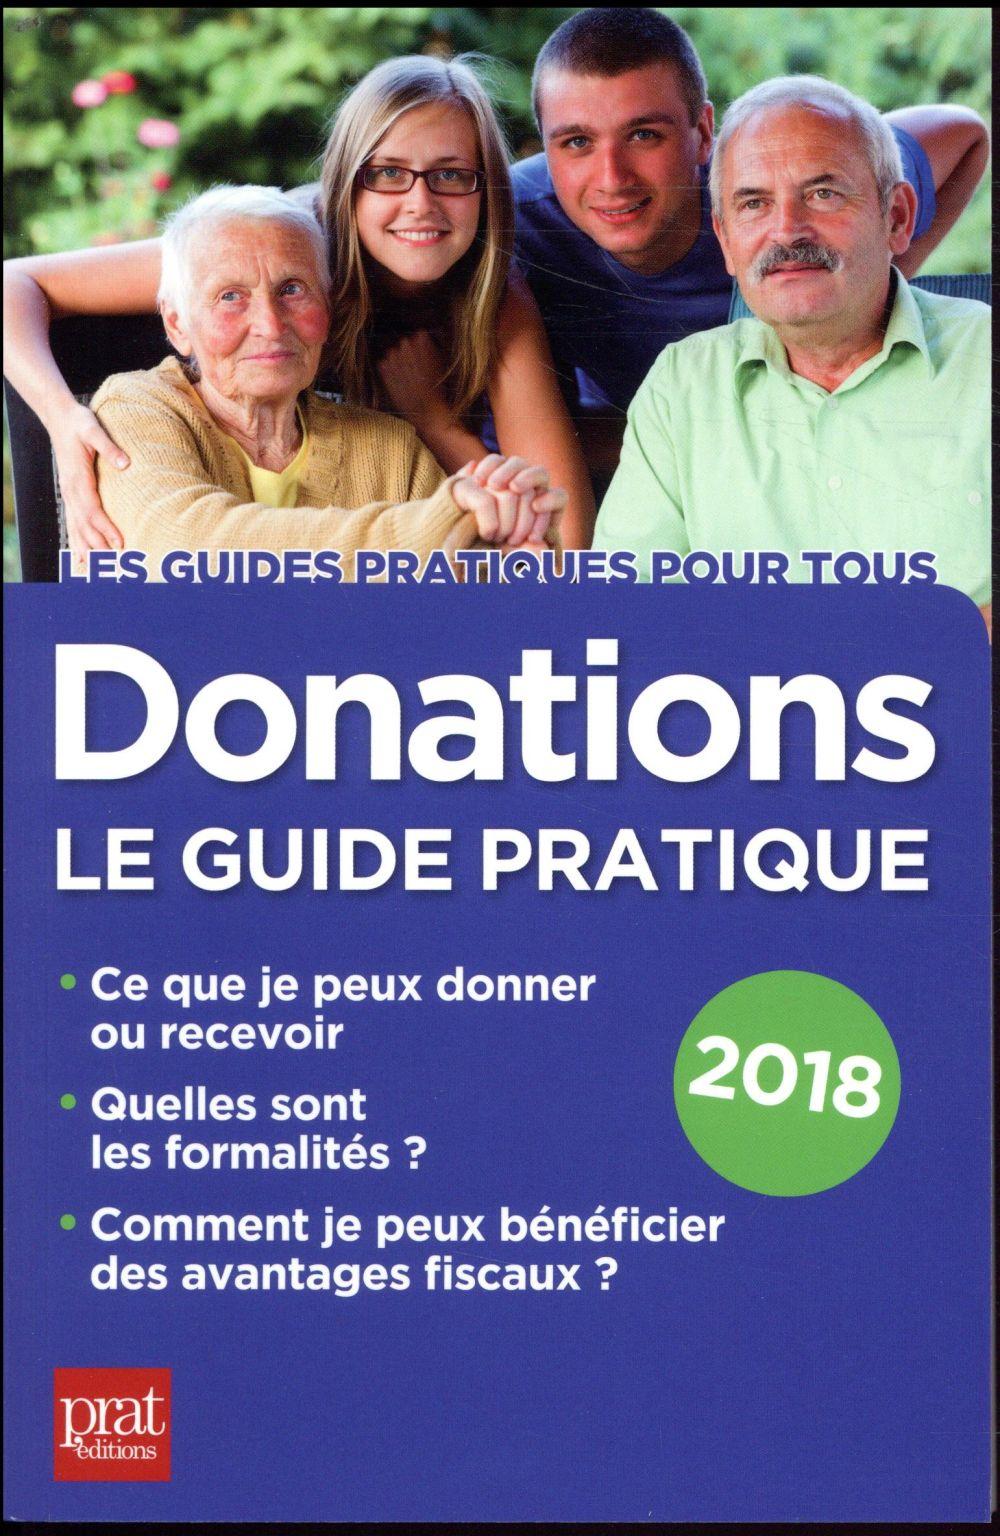 Donations le guide pratique (édition 2018)